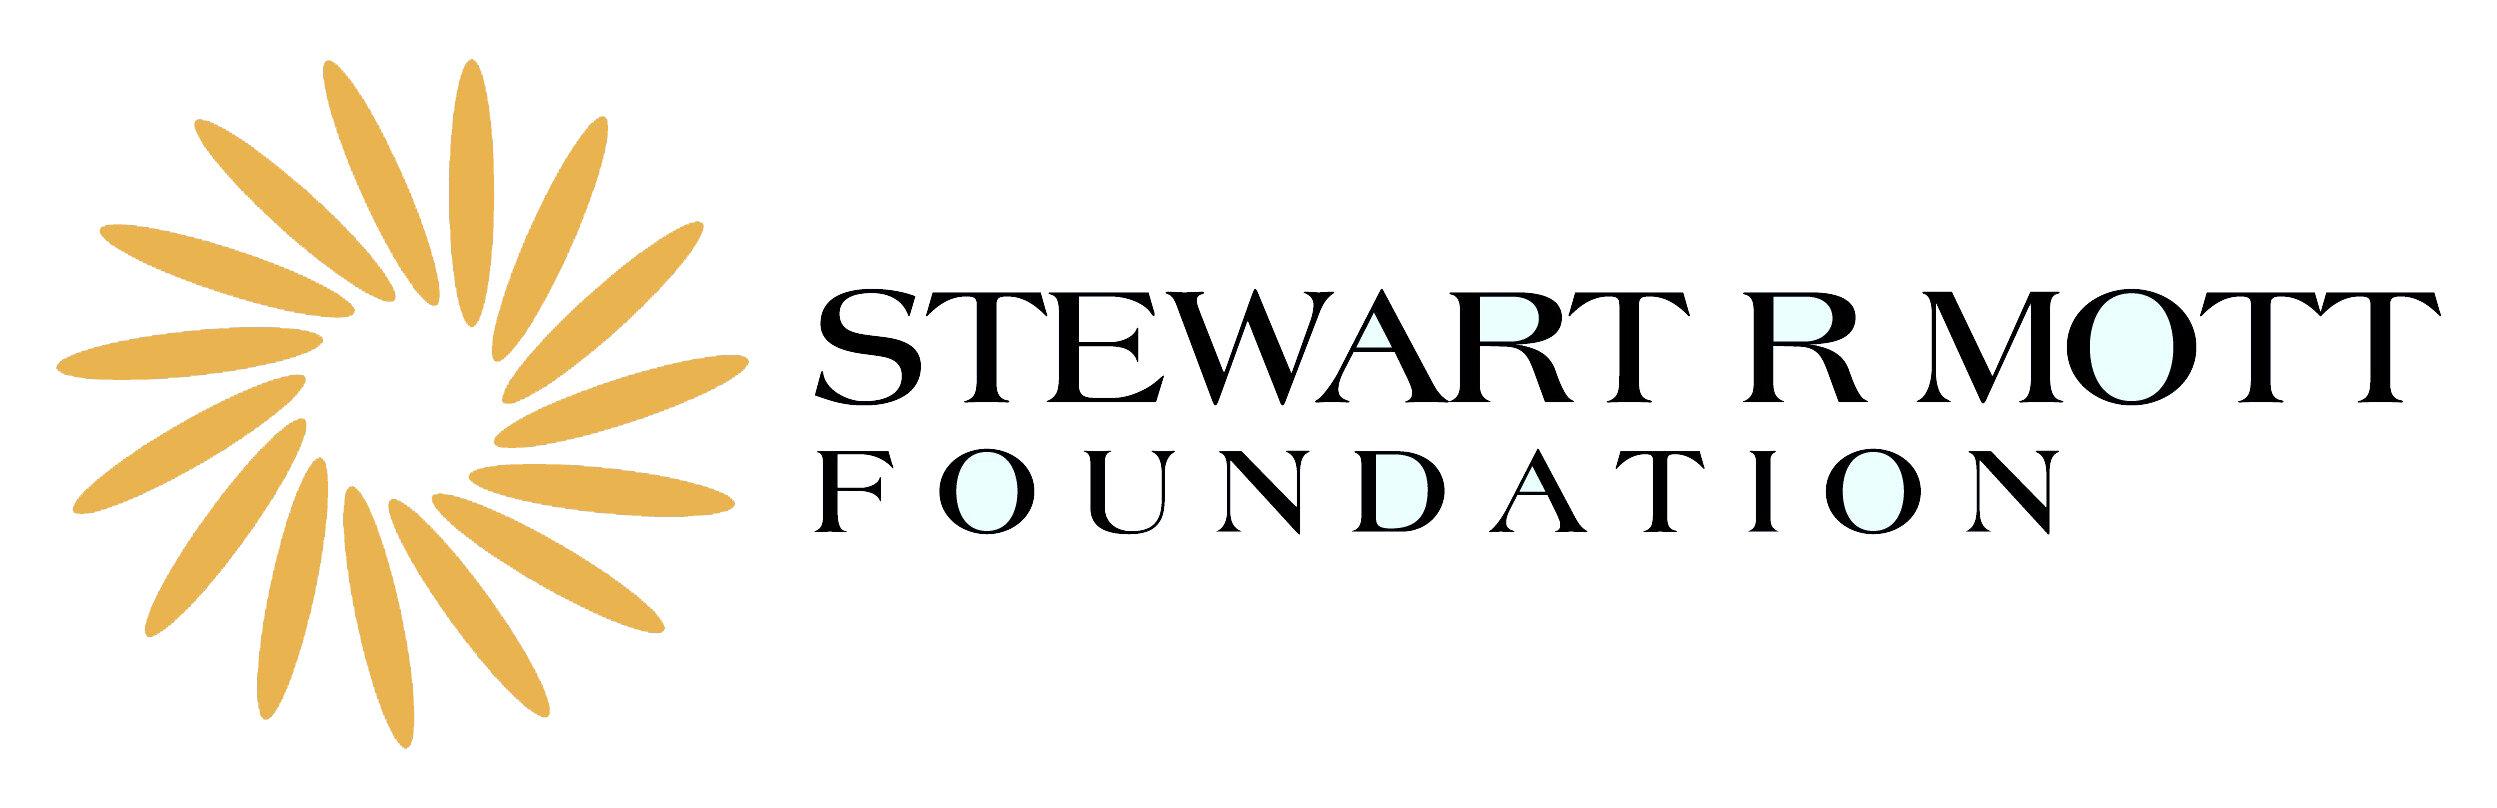 SRM Foundation logo.jpg